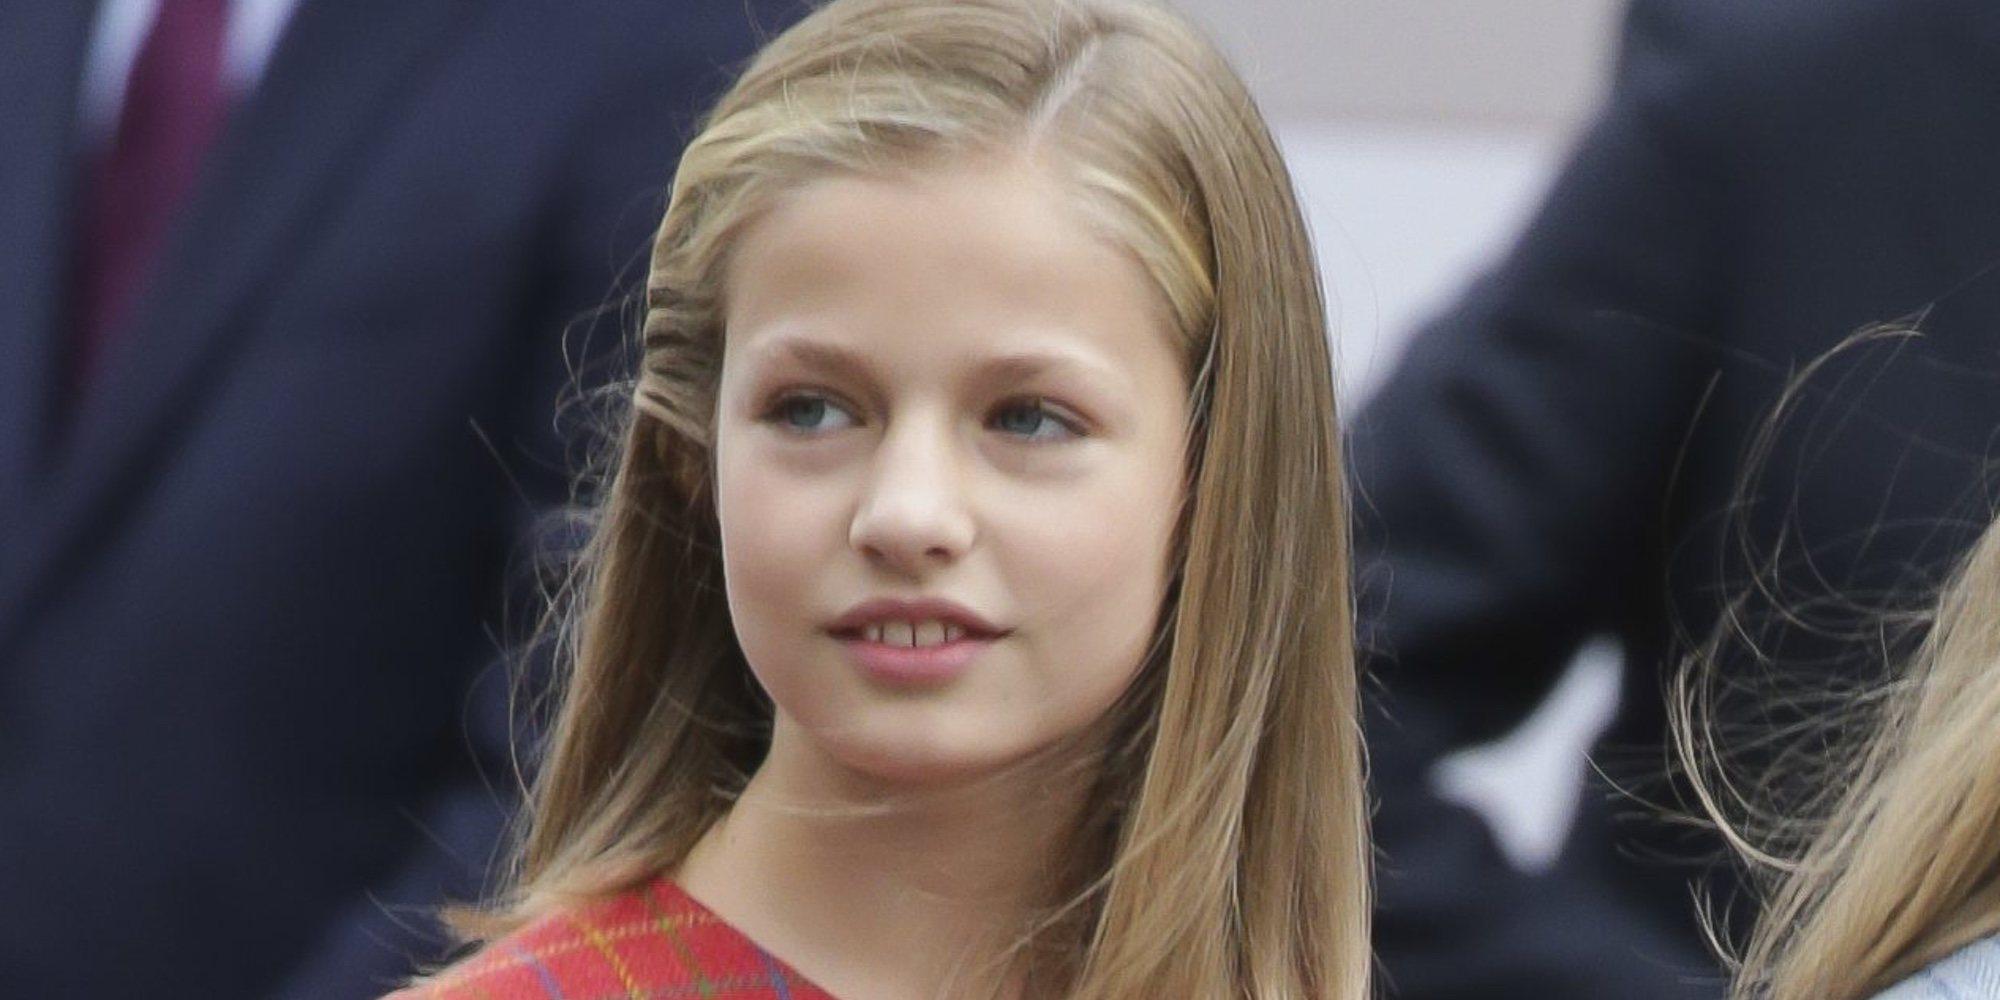 La Princesa Leonor formará parte de la celebración oficial del 40 aniversario de la Constitución Española